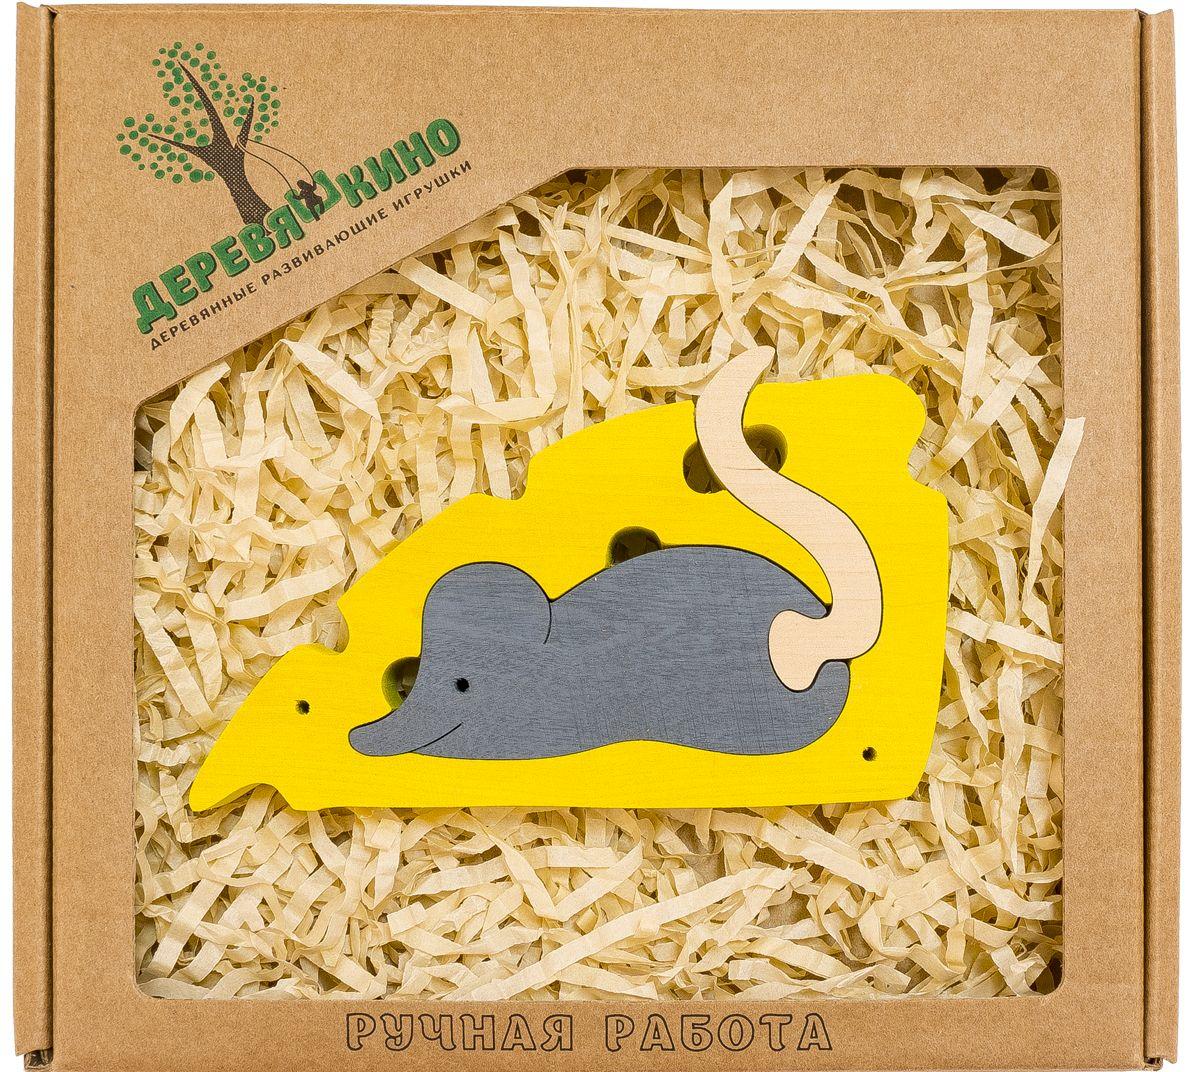 Деревяшкино Пазл для малышей Мышонок и сыр616Развивающая деревянная головоломка Мышонок и сыр (средней степени сложности) подходит для мальчиков и девочек в возрасте 3-5лет, состоит из 3 деталей. Экологически чистый продукт: изготовлено вручную из массива березы. Игрушка раскрашена пищевой водостойкой краской, что делает взаимодействие с изделием абсолютно безопасным: никаких лаков, «химии» или добавок. Процесс сборки деревянной головоломки развивает: тактильную сенсорику, внимательность, усидчивость, пространственное мышление, мелкую моторику, а так же учит различать элементы по цвету, форме и размеру. С продукцией компании Деревяшкино, Ваши детки развиваются, играя без риска для здоровья.